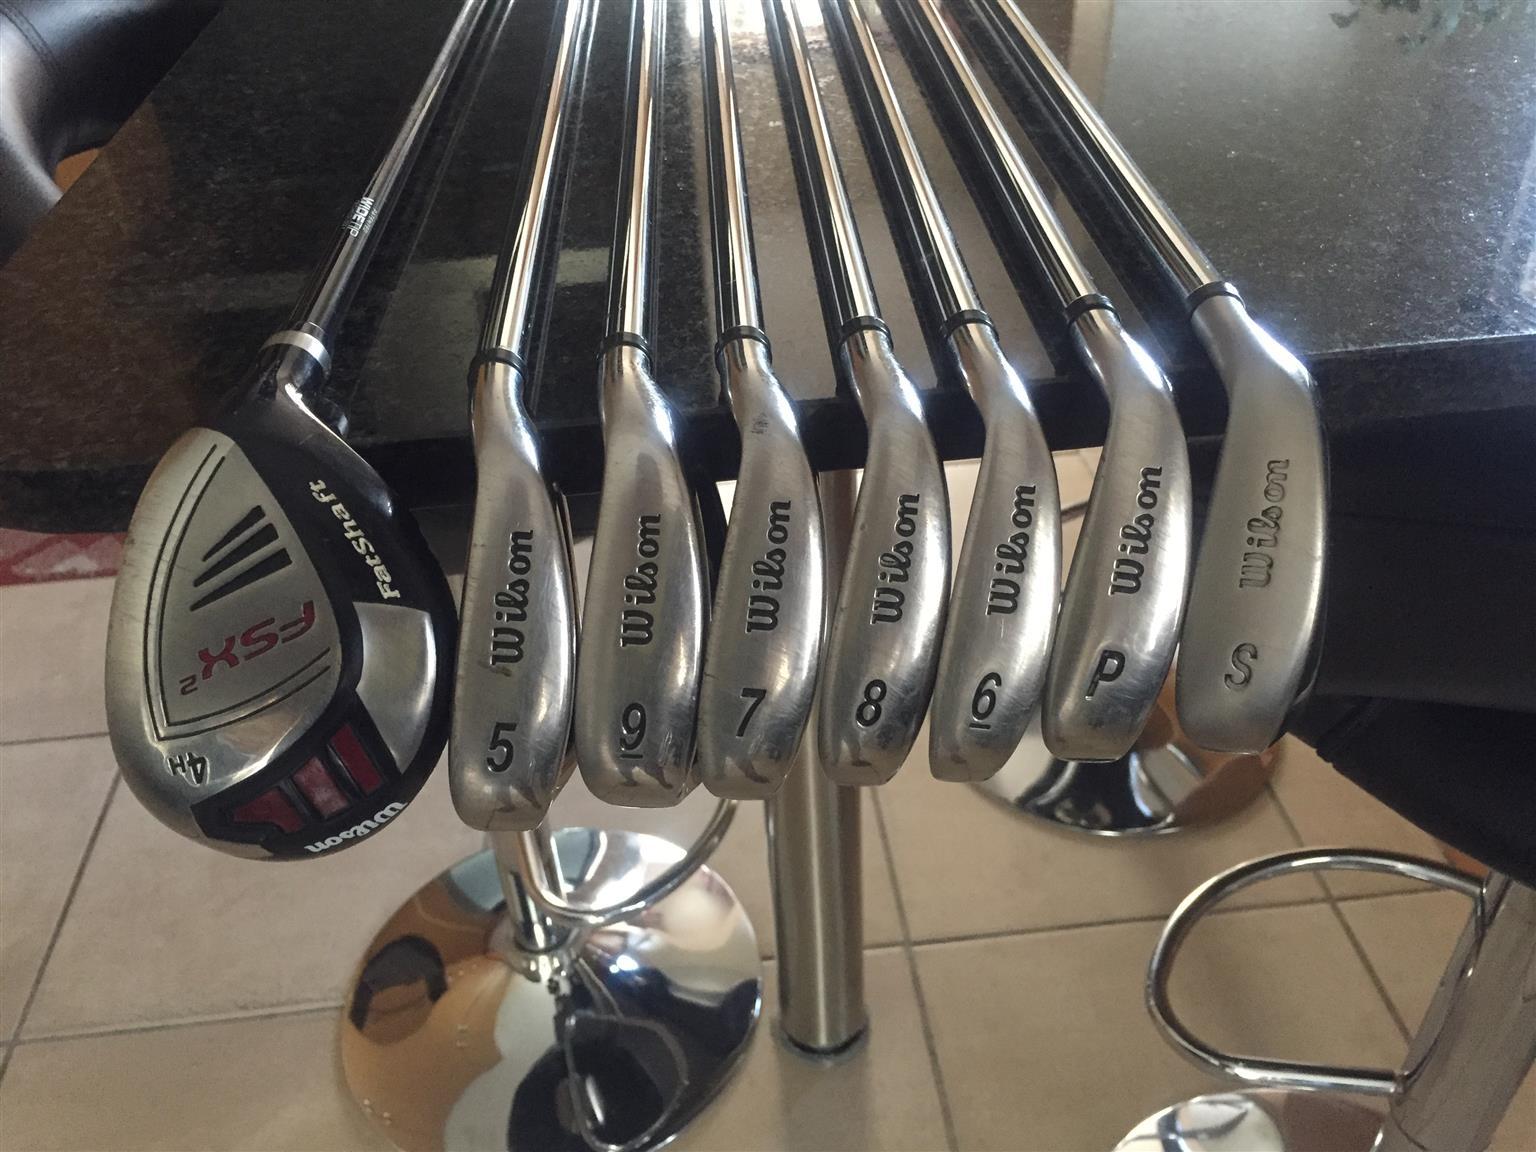 Wilson Staff FSX fat shaft golf set